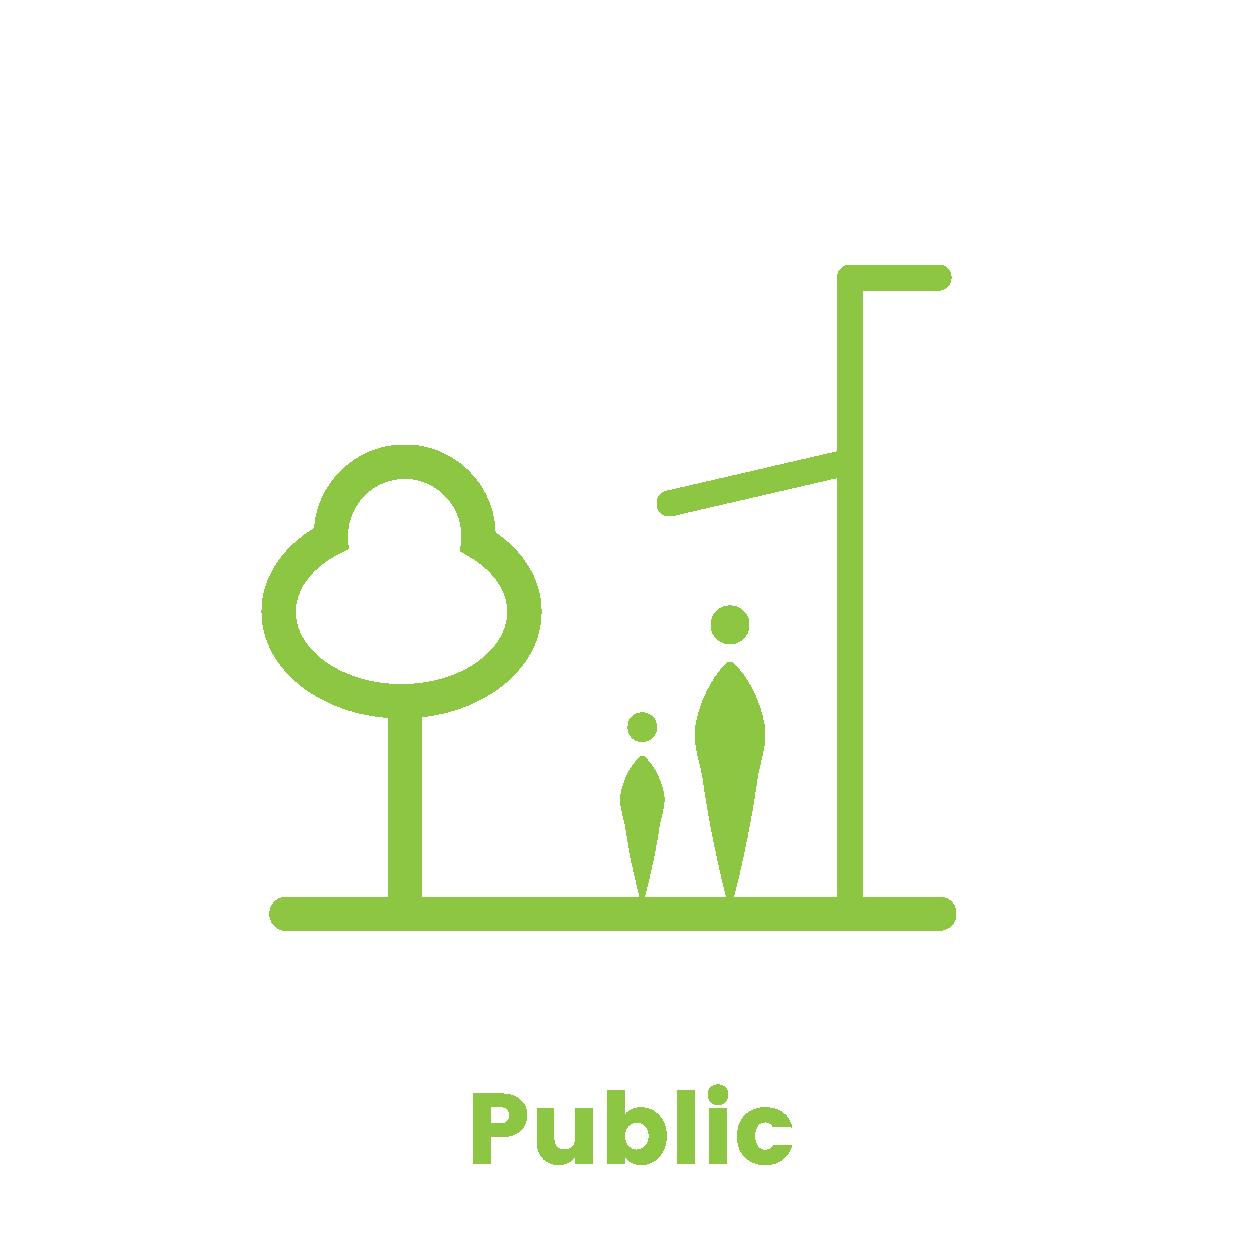 p4 PM - Public-01.png